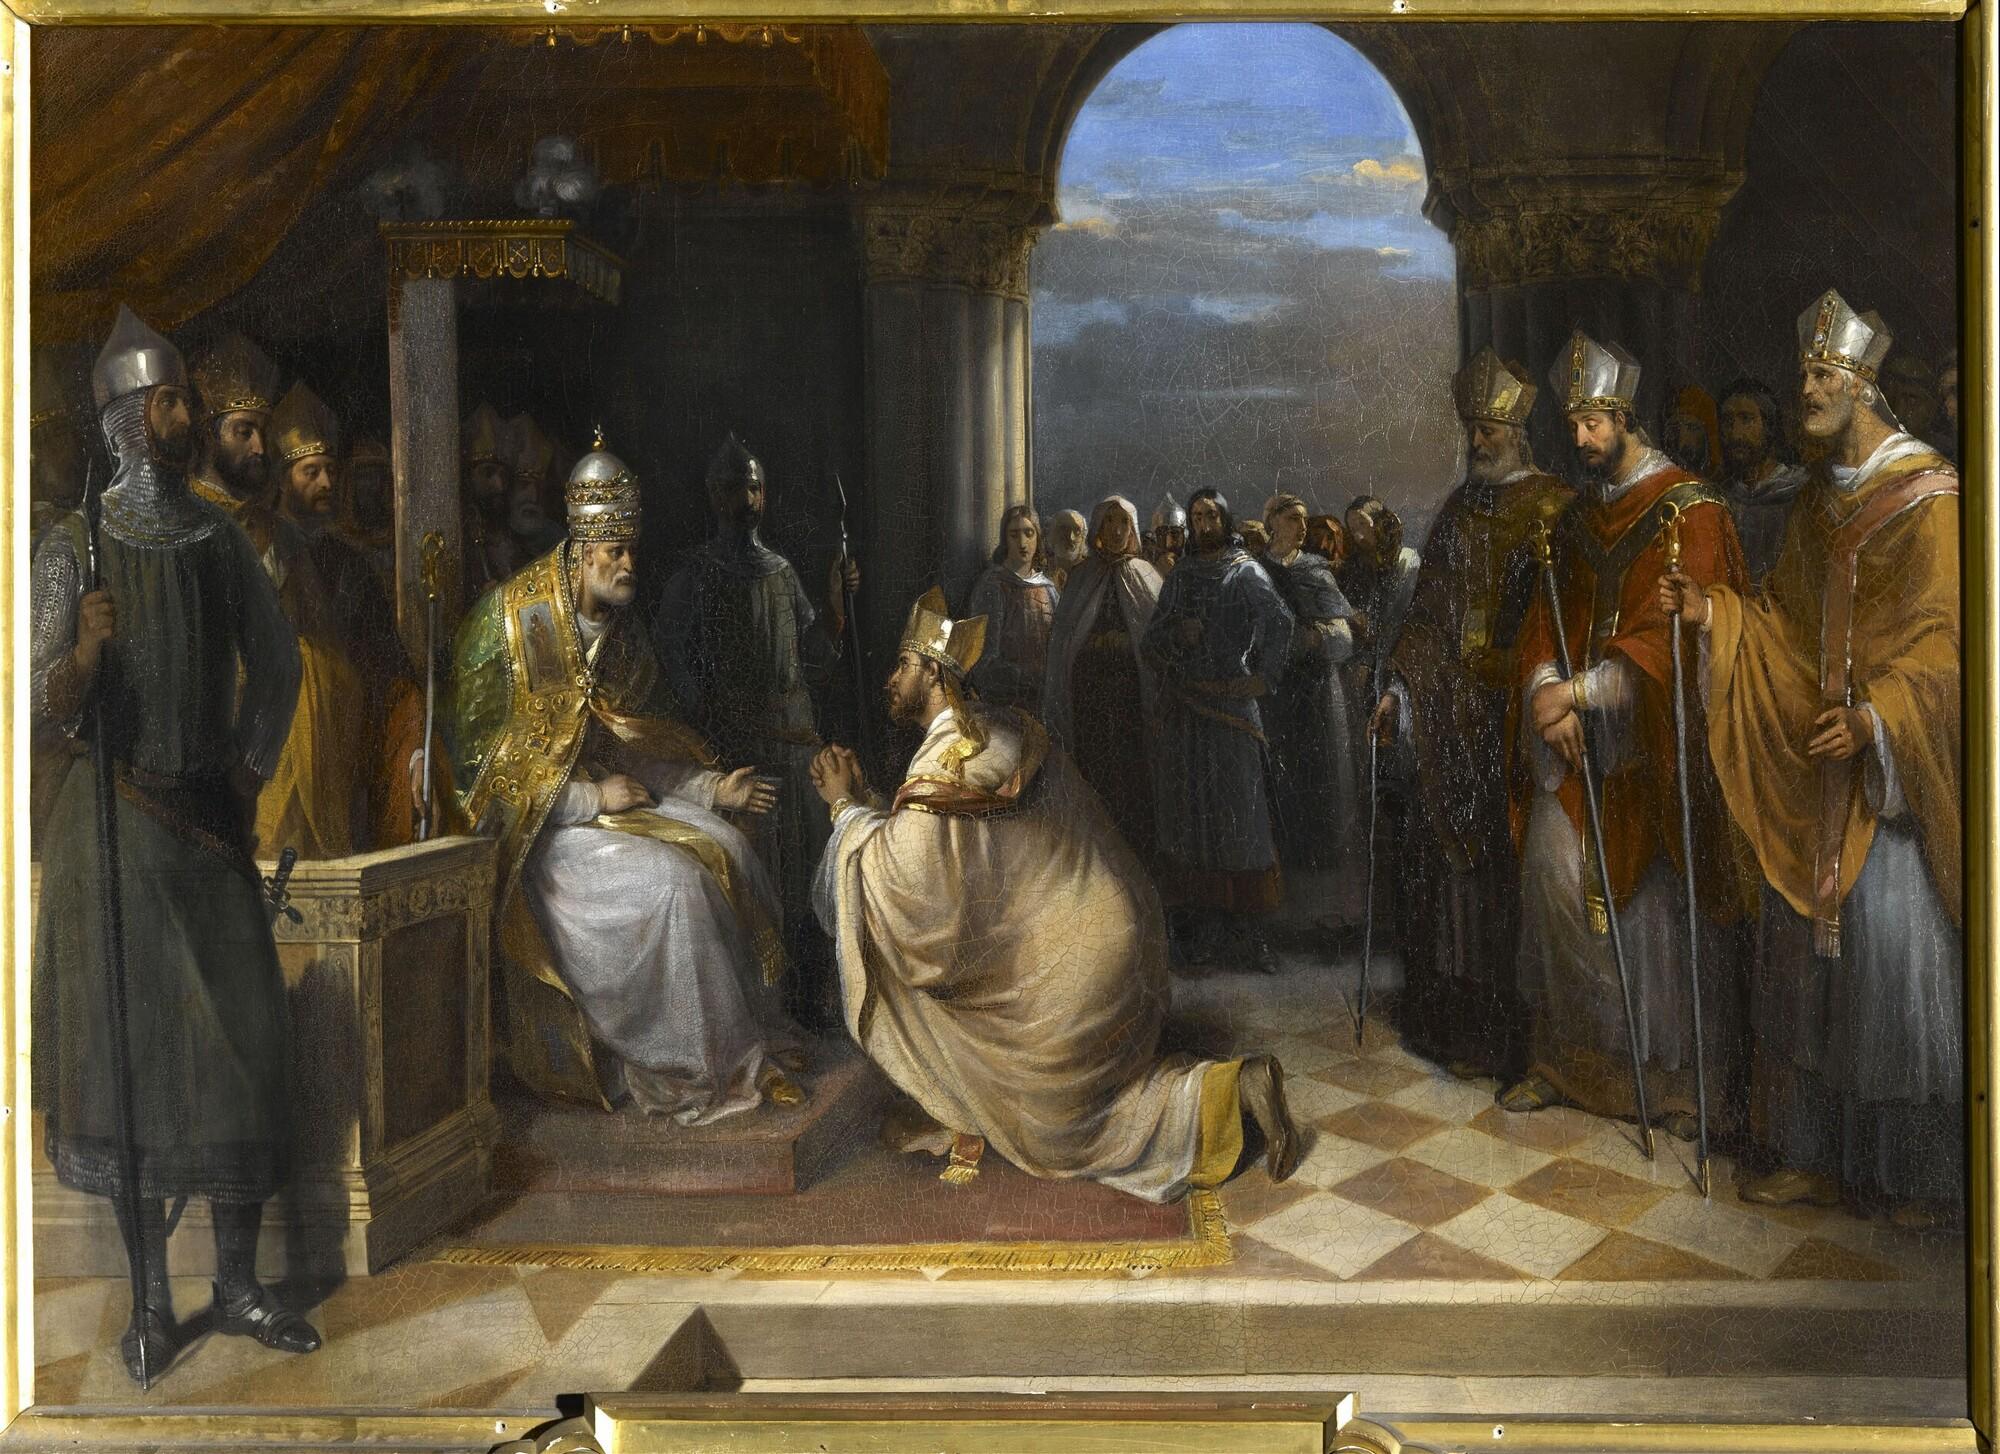 Le pape Eugène III reçoit les ambassadeurs du roi de Jérusalem, 1145. Peintre : Hortense Haudebourt-Lescot.